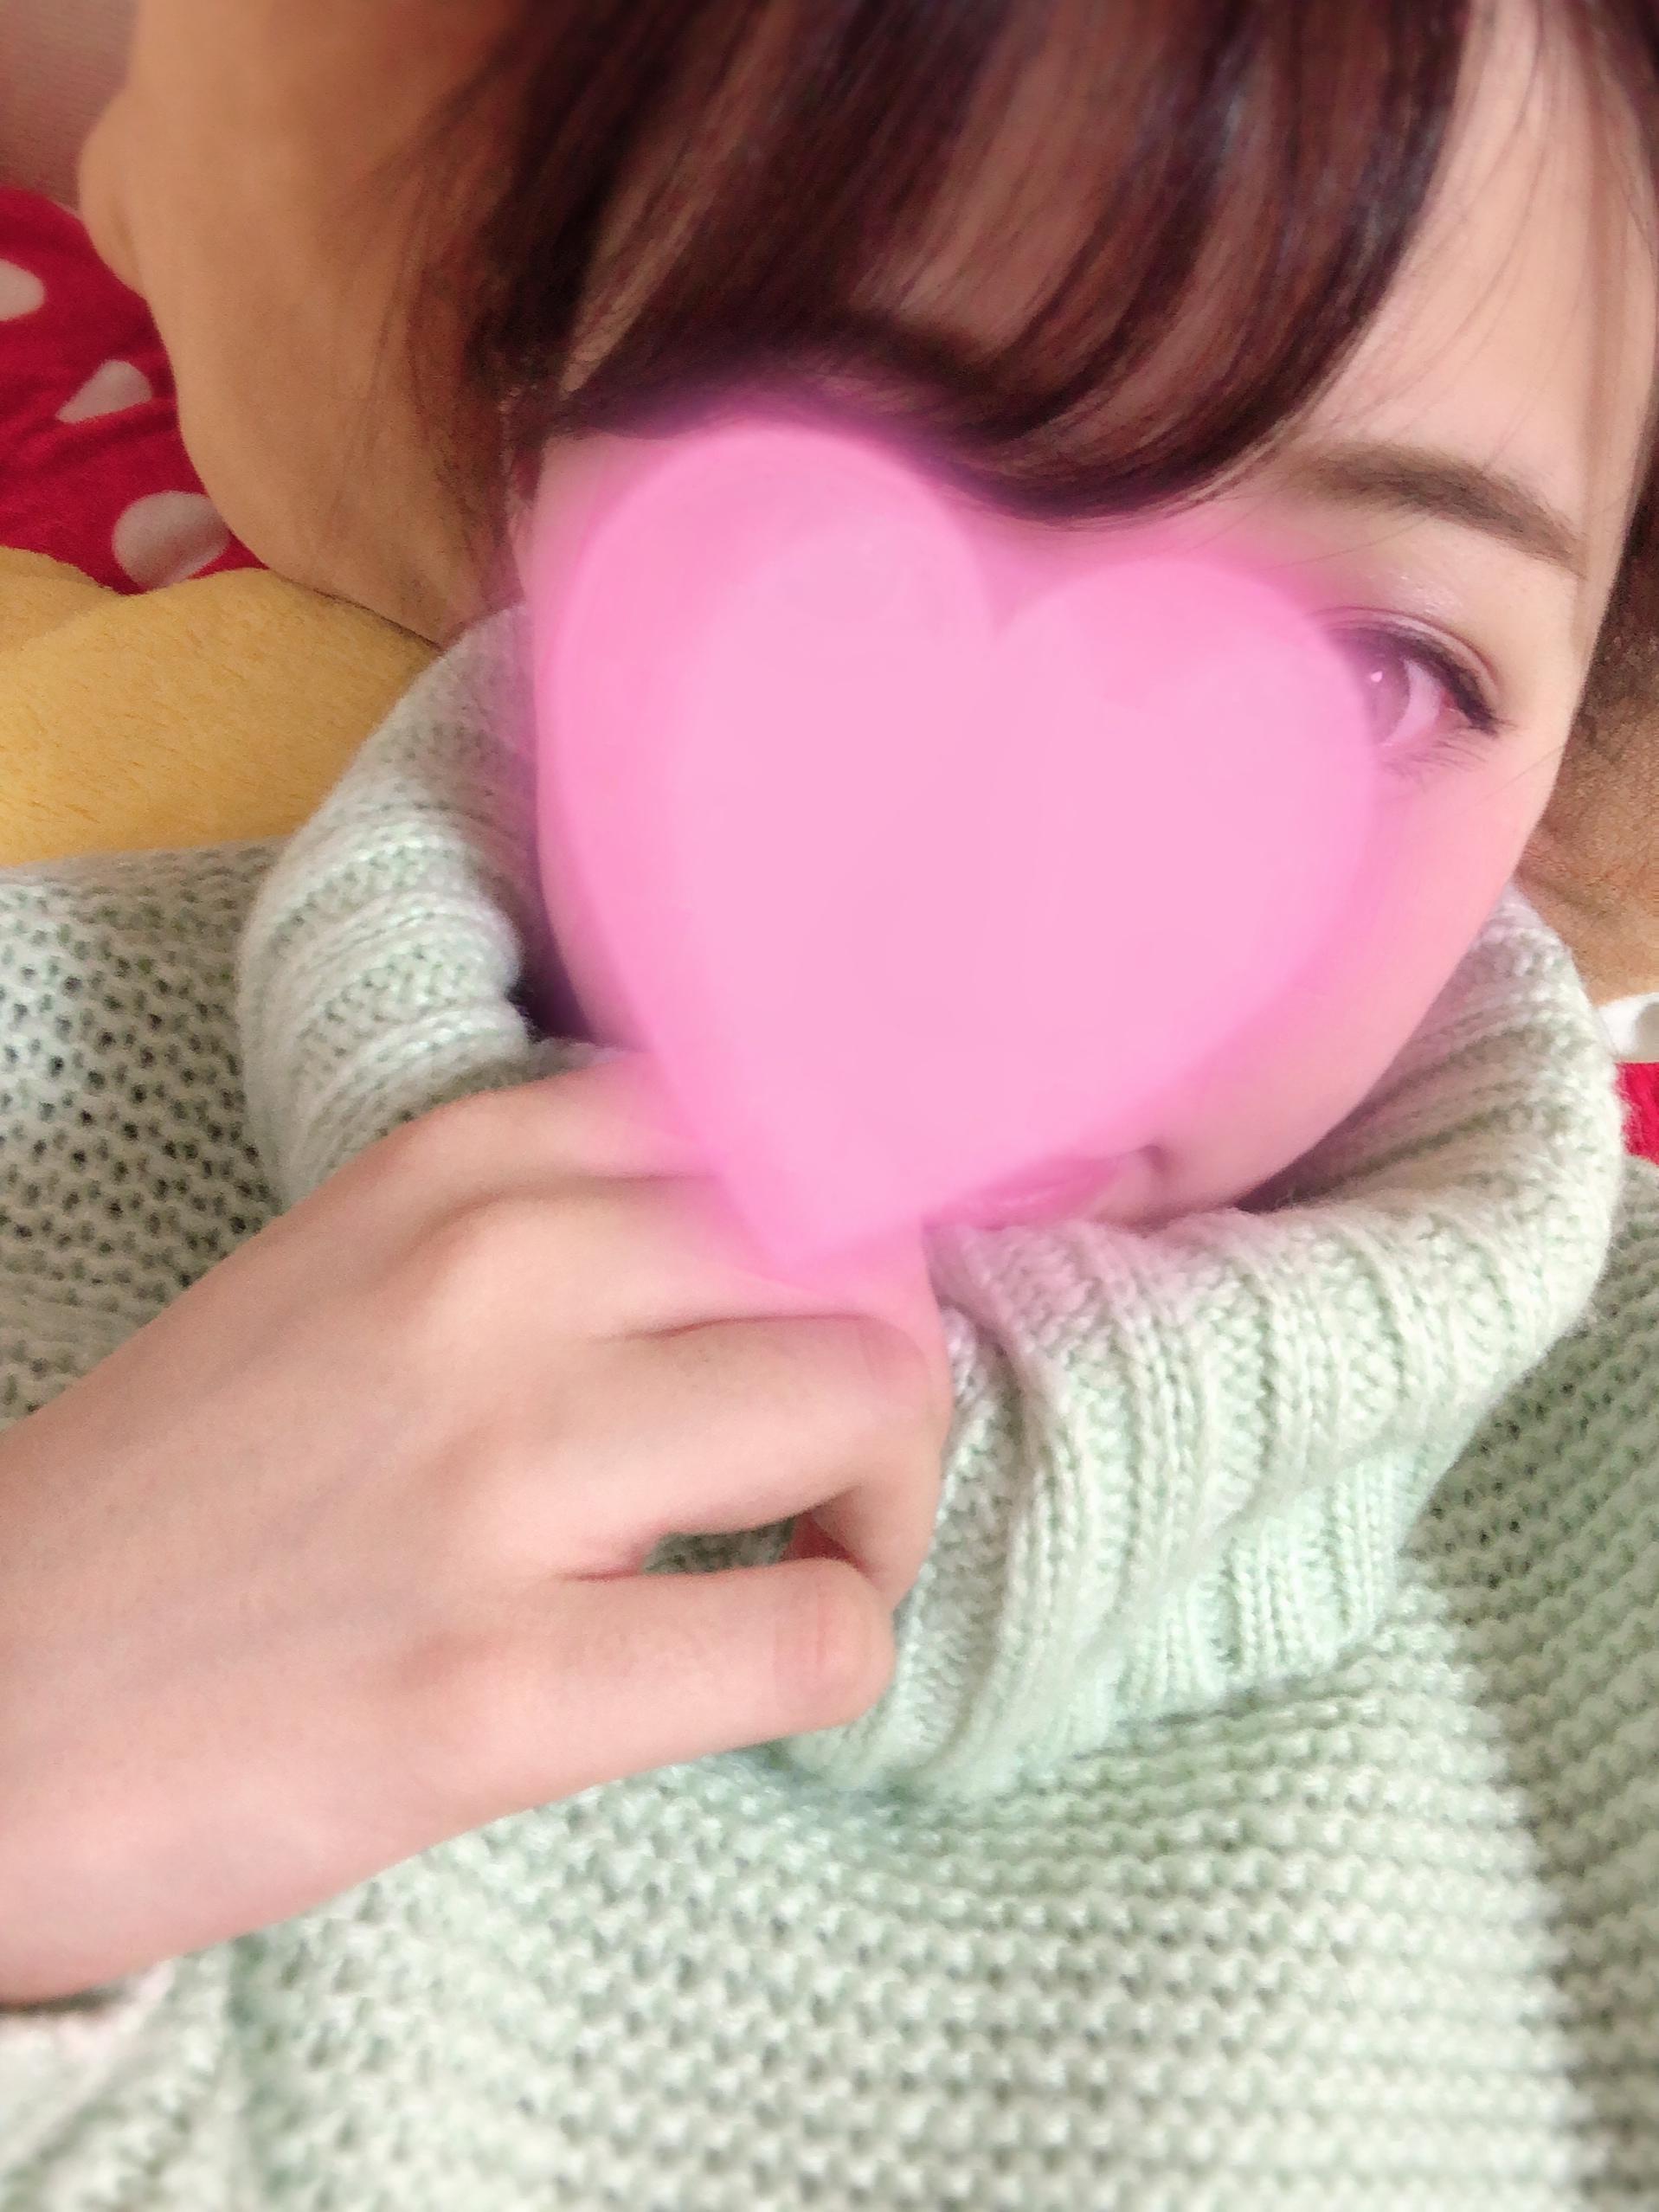 「はなです」01/13日(日) 02:48 | はなちゃんの写メ・風俗動画